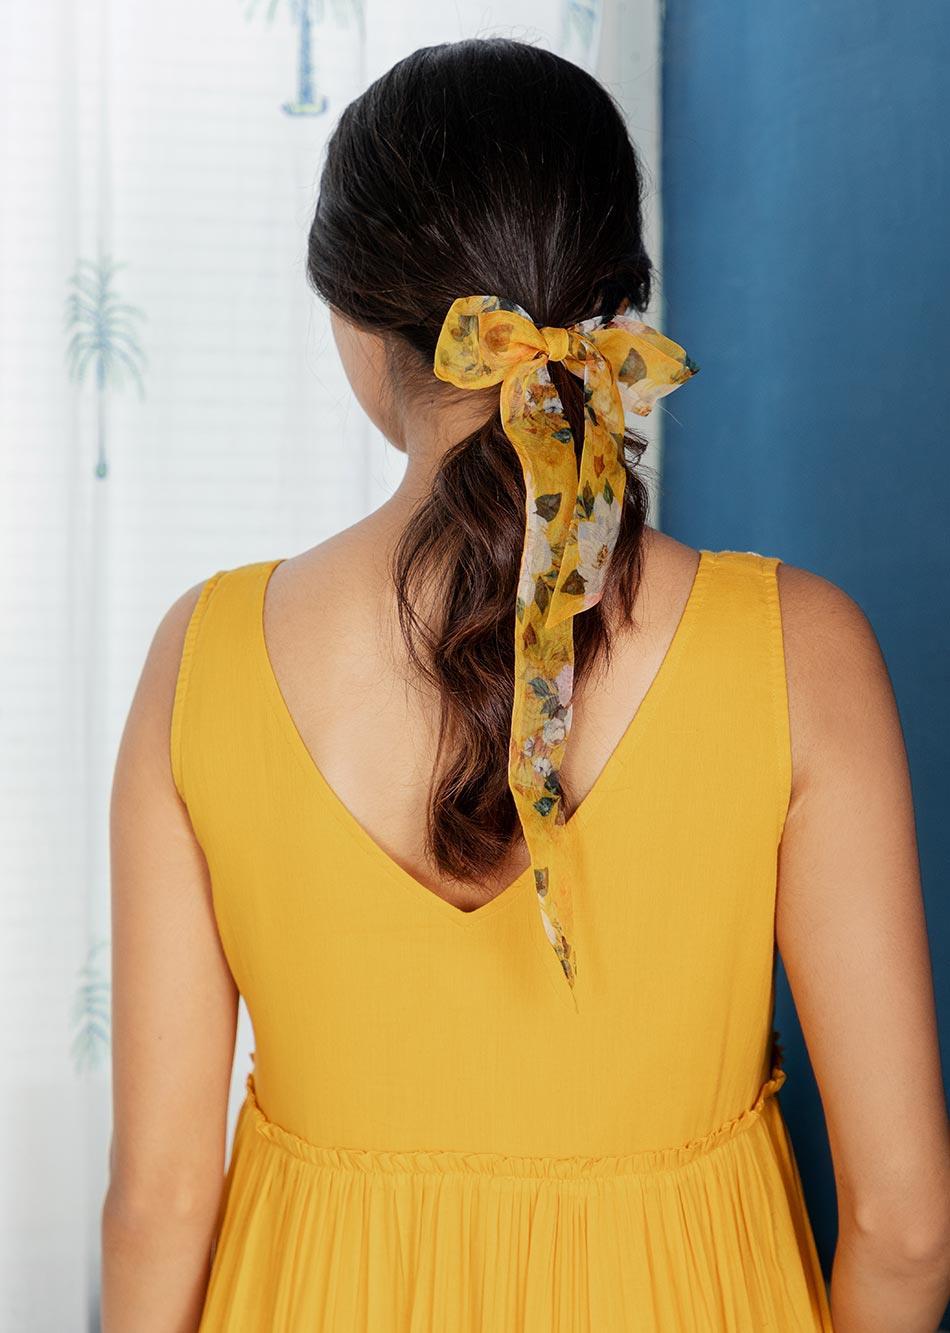 BUTTERSCOTCH NOTCH DRESS By Jovi Fashion